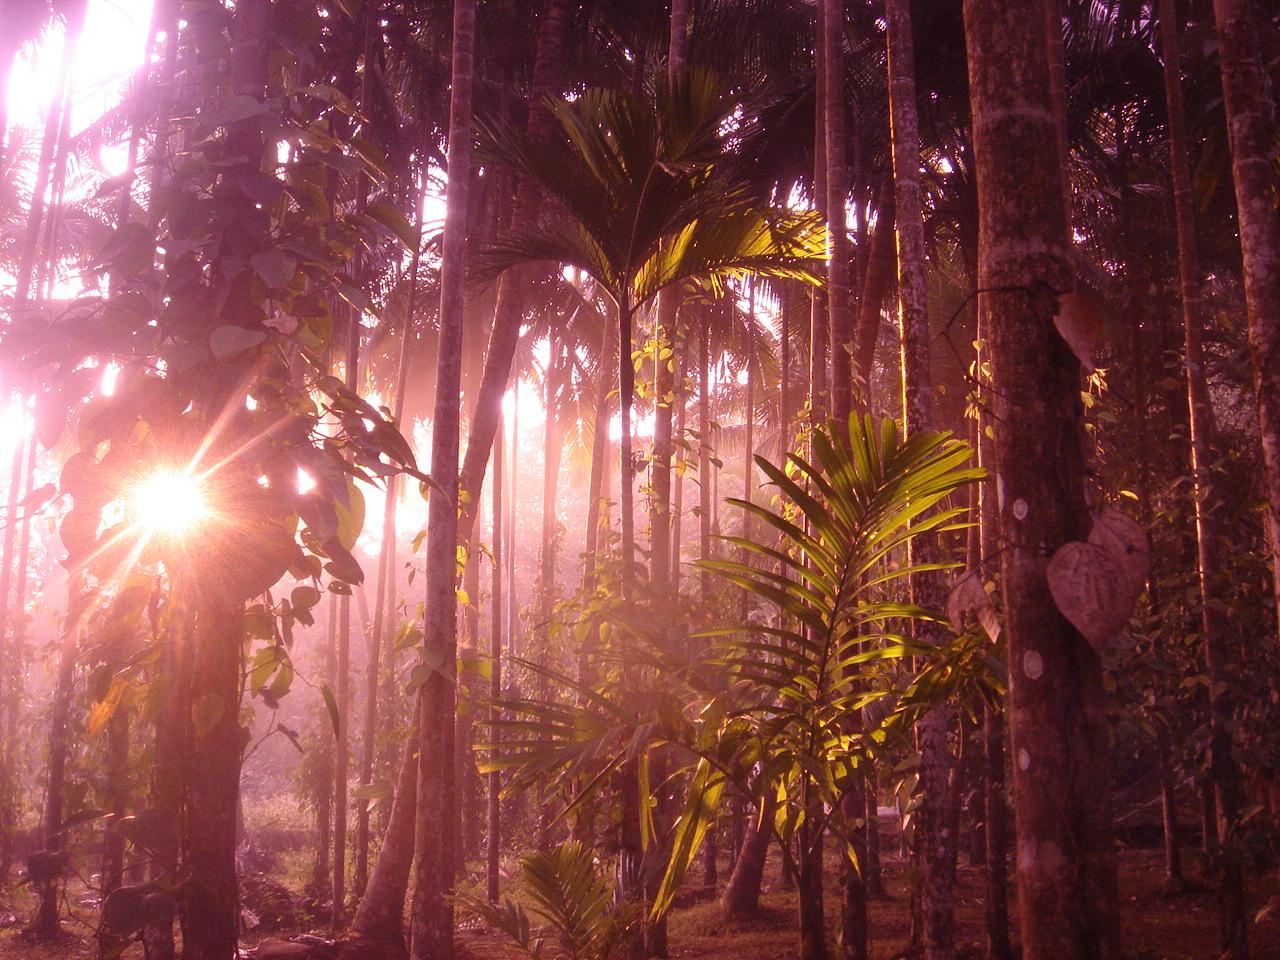 sunrise in pepper valley, goa